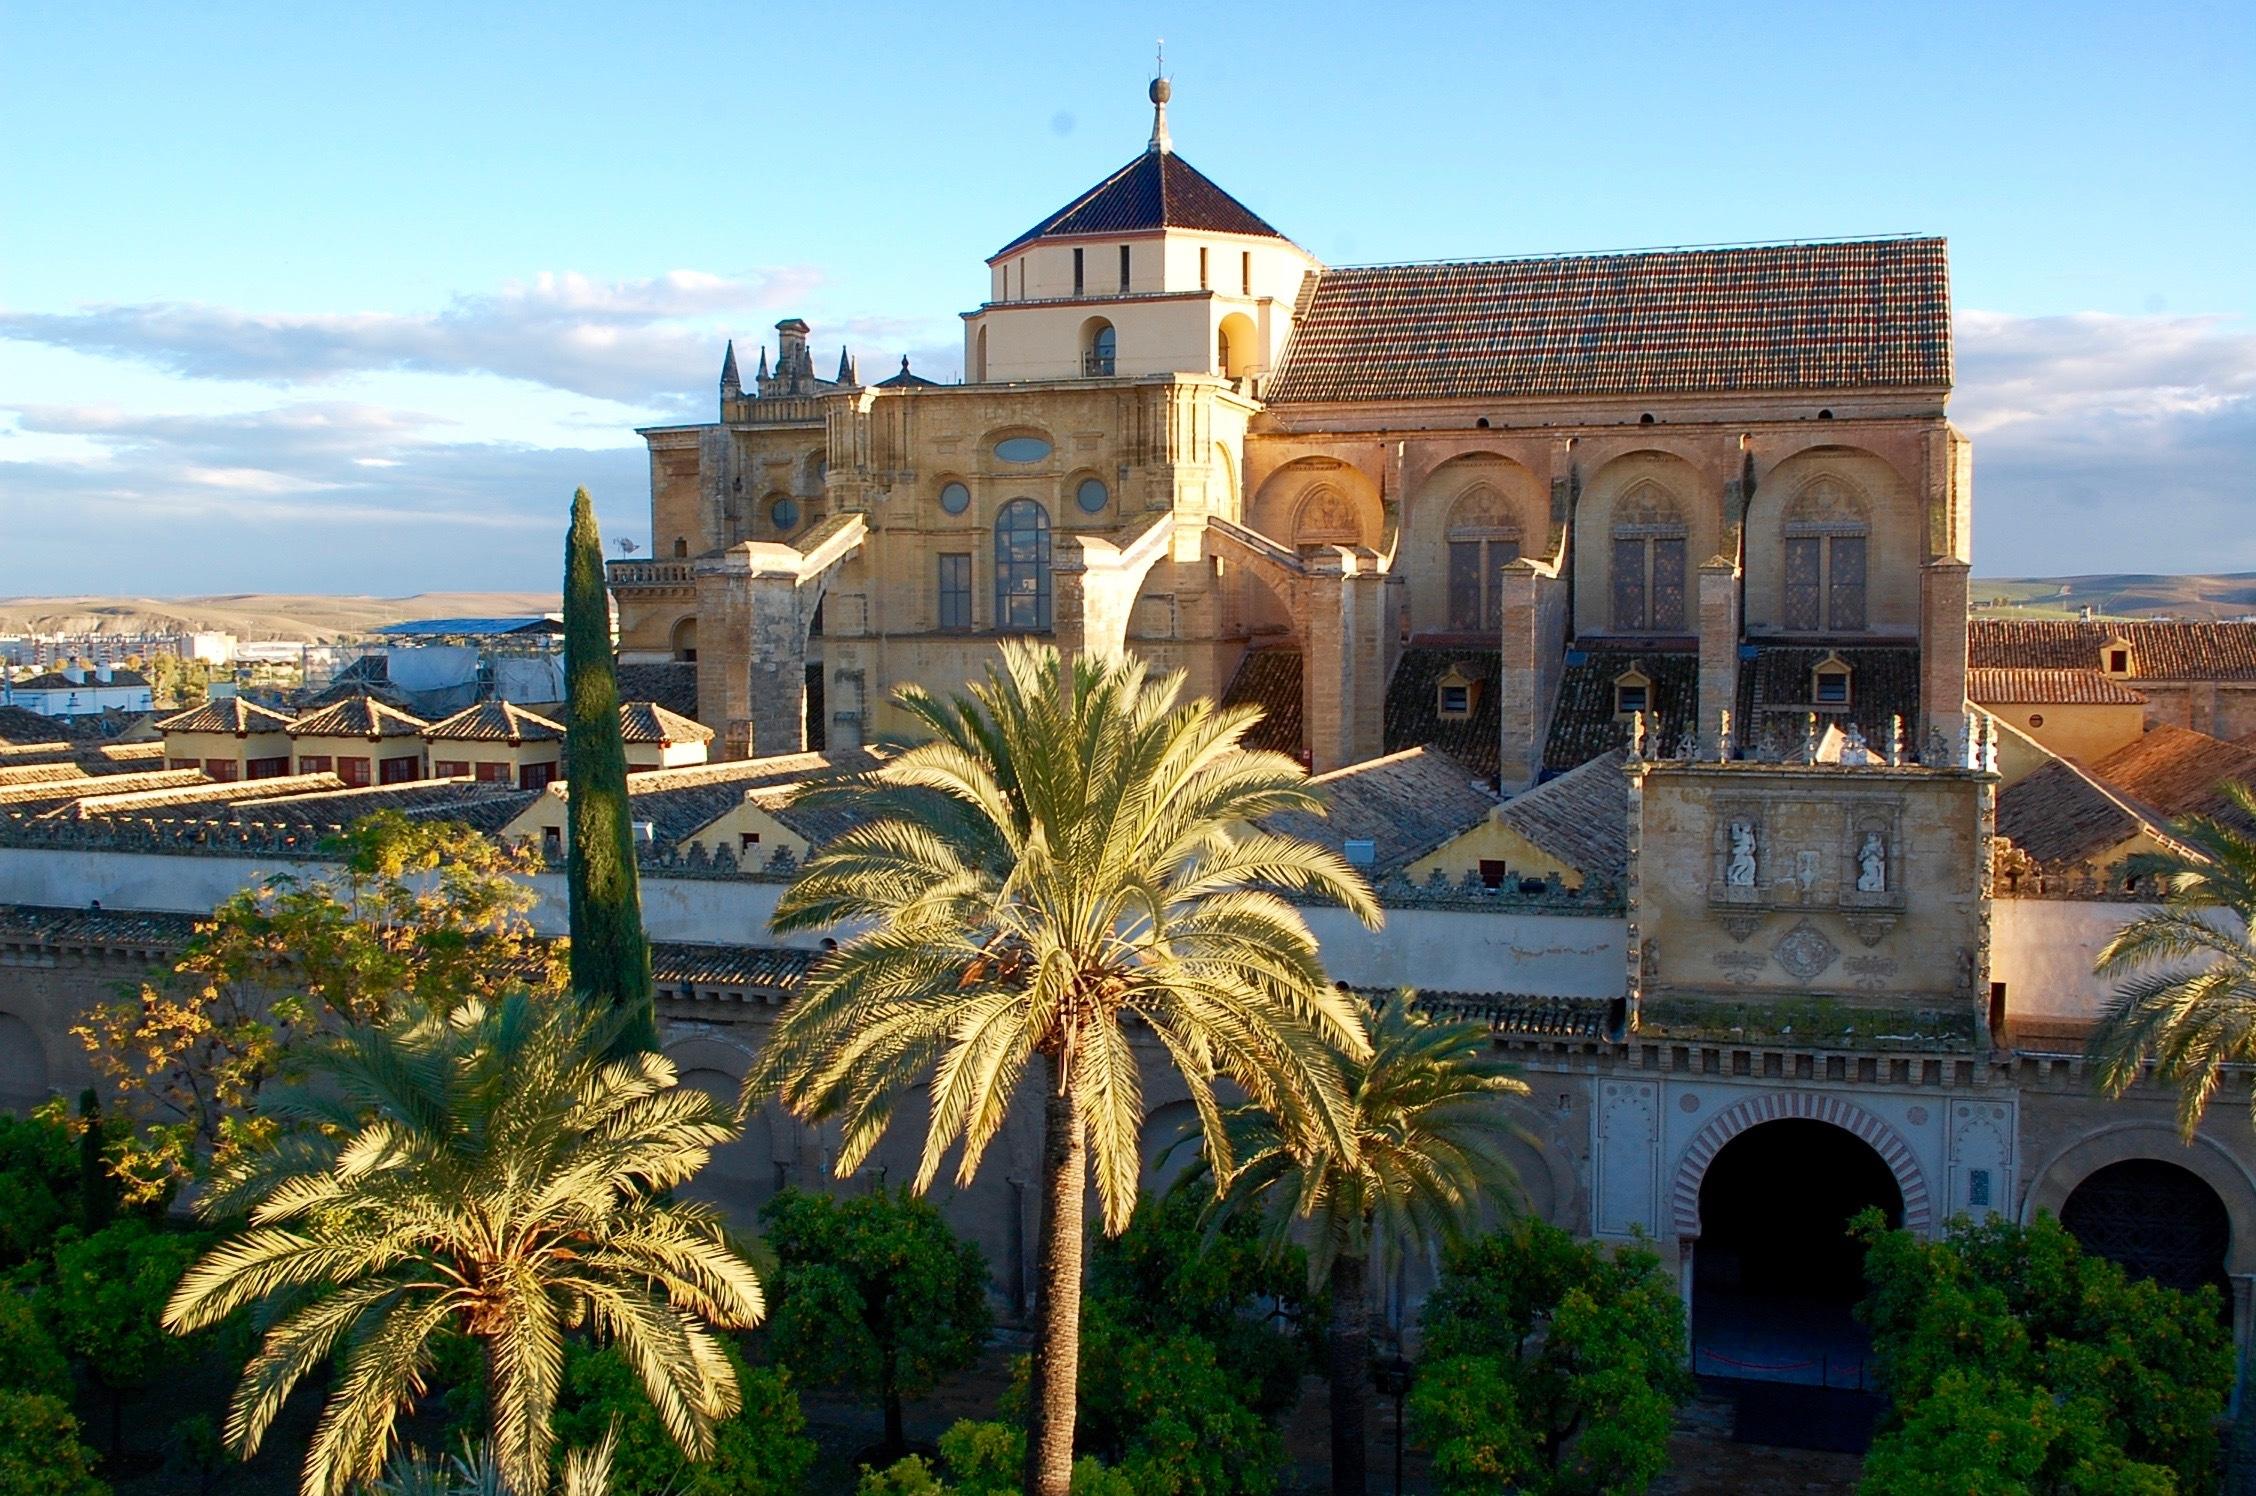 إسبانيا قرطبة اهم الاماكن السياحية جامع وكنيسة قرطبة